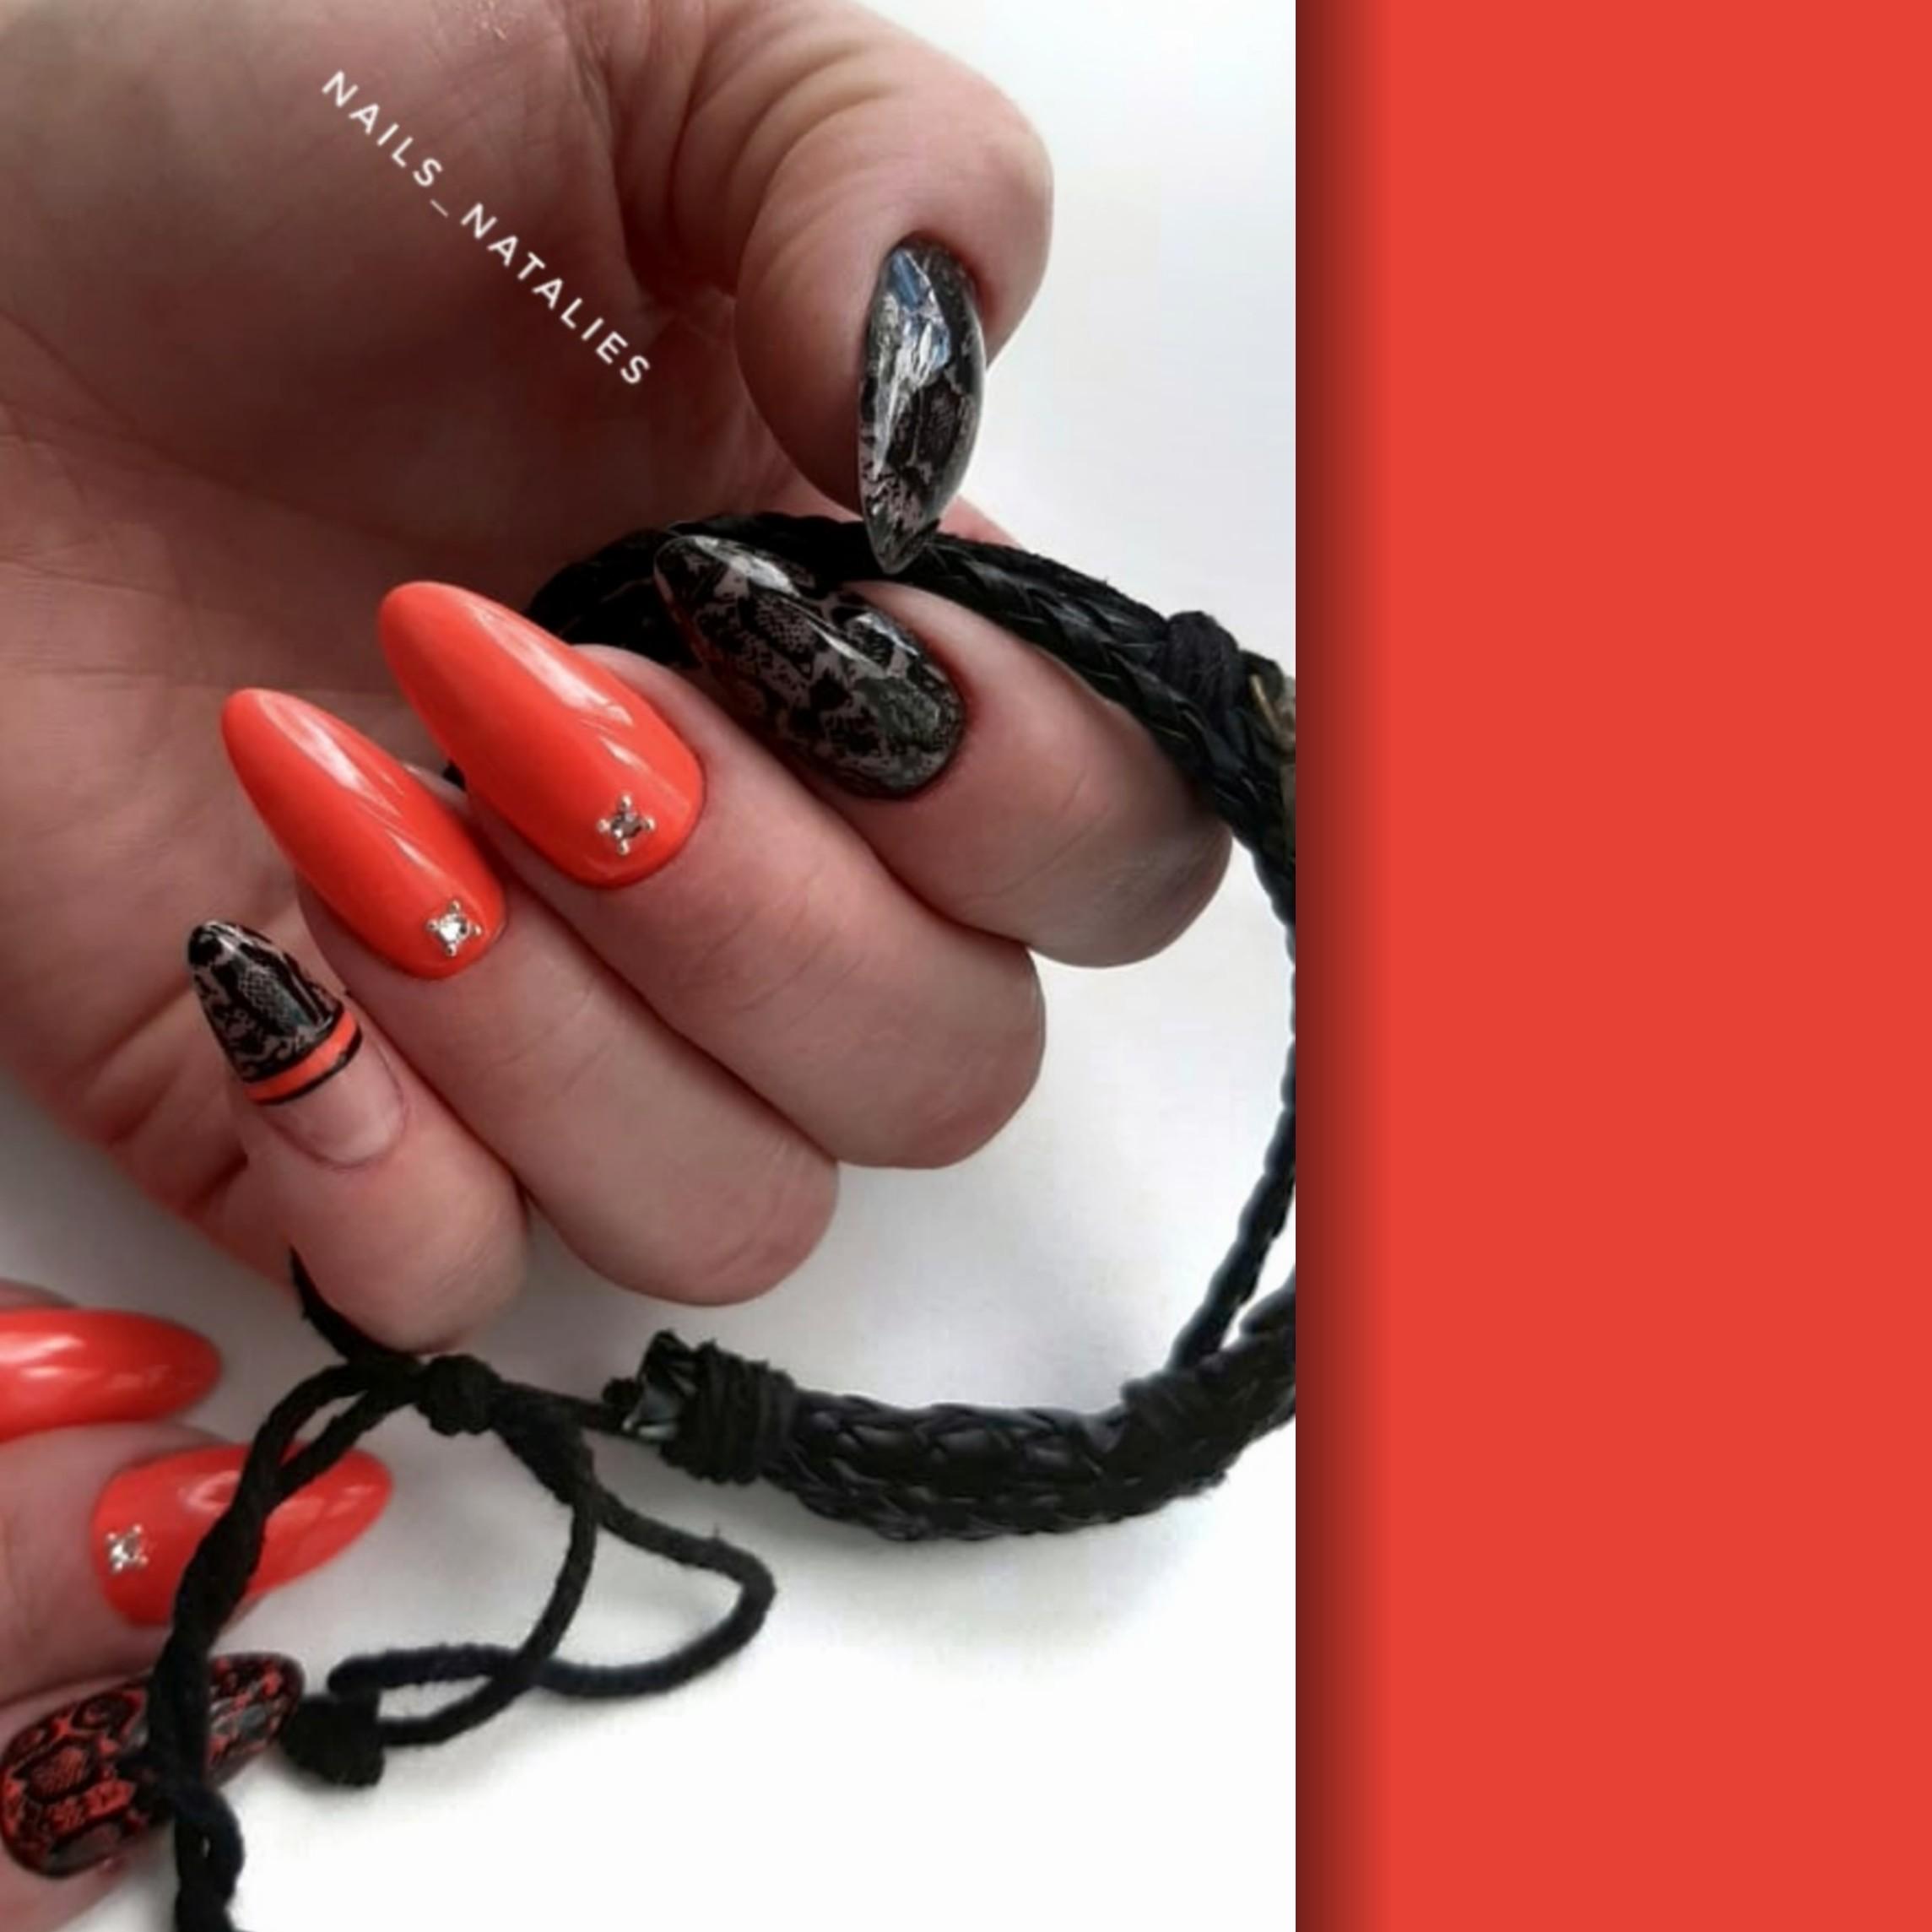 Маникюр с кружевным дизайном и стразами в рыжем цвете на длинные ногти.